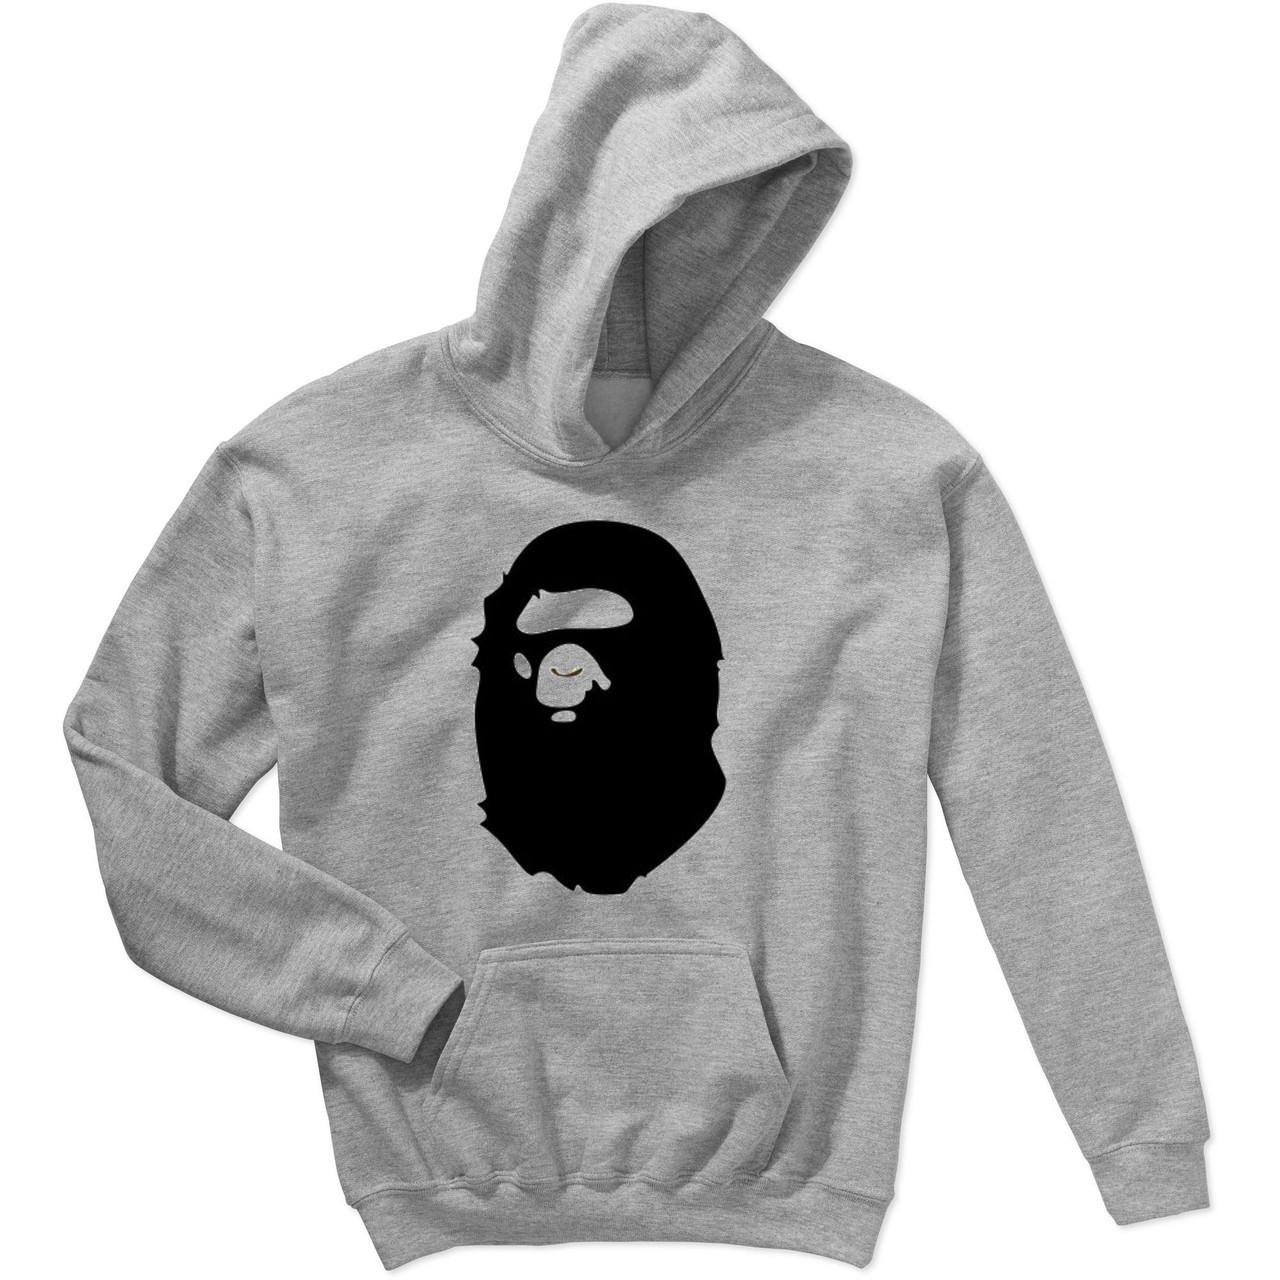 Худи BAPE A Bathing Ape серое с черным логотипом, унисекс (мужское, женское, детское)